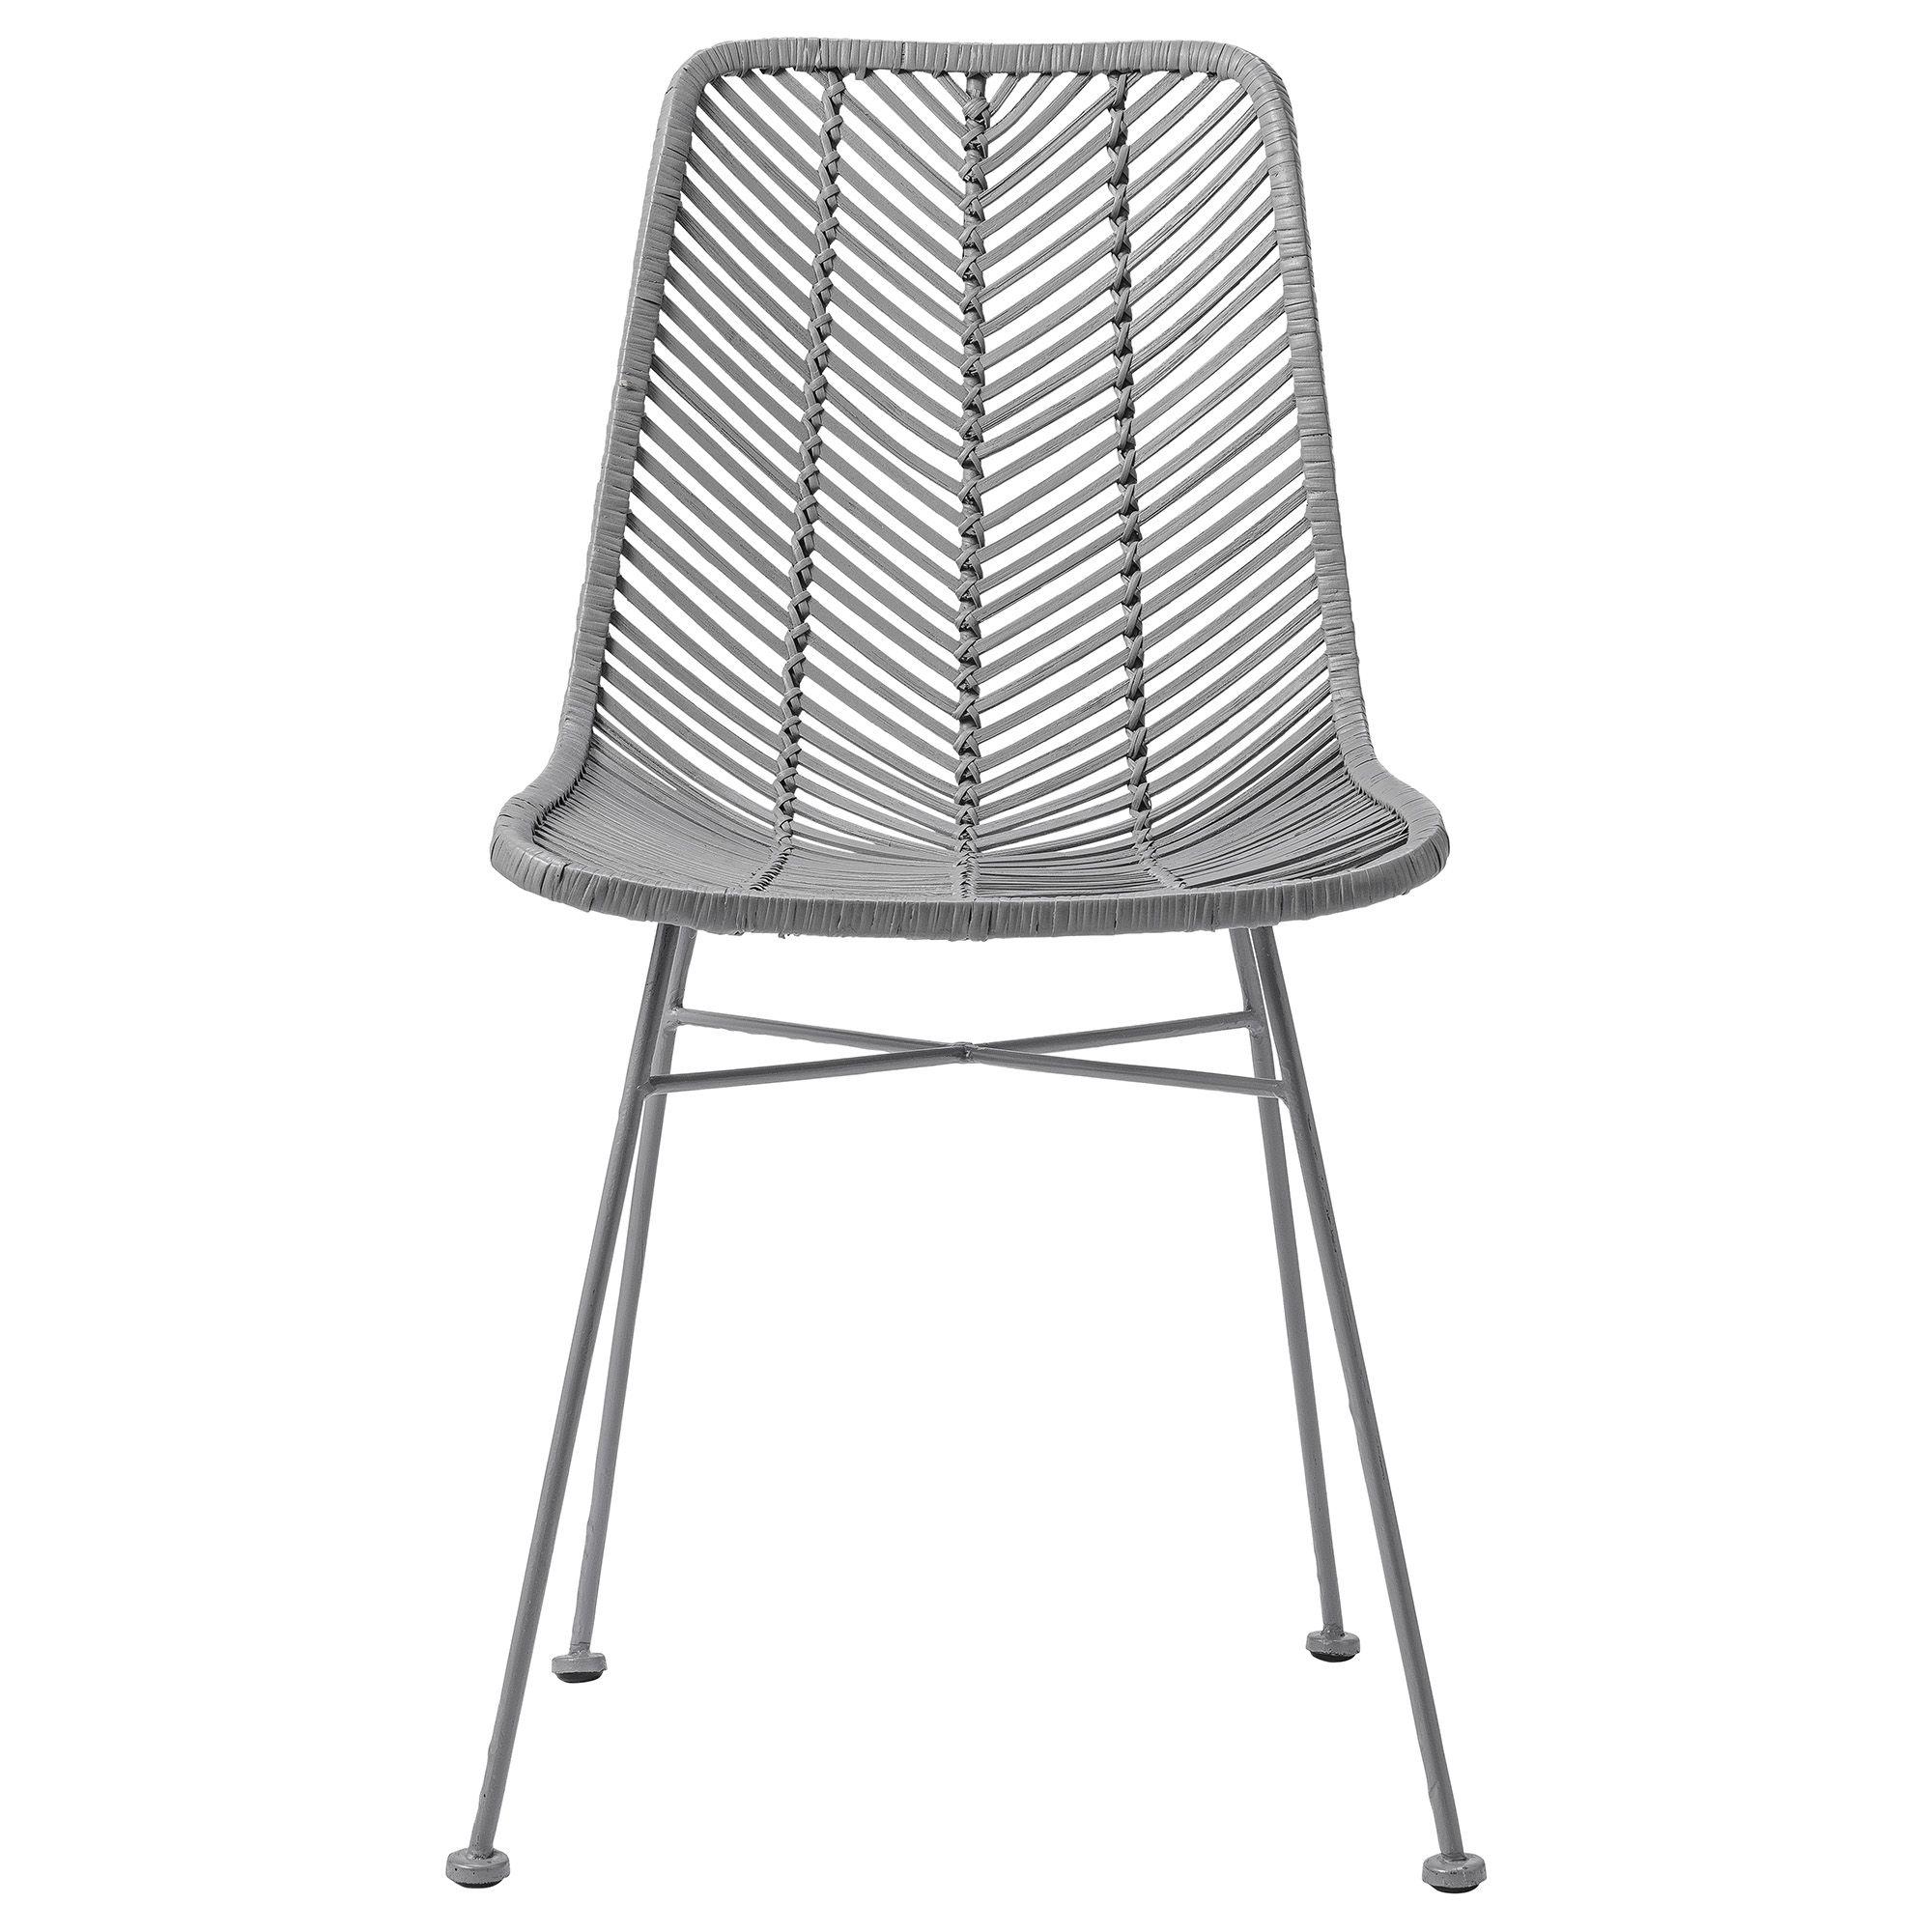 Entdecken Sie den vielseitigen Rattanstuhl LENA von Bloomingville Der Stuhl findet Platz am neuen Schreibtisch